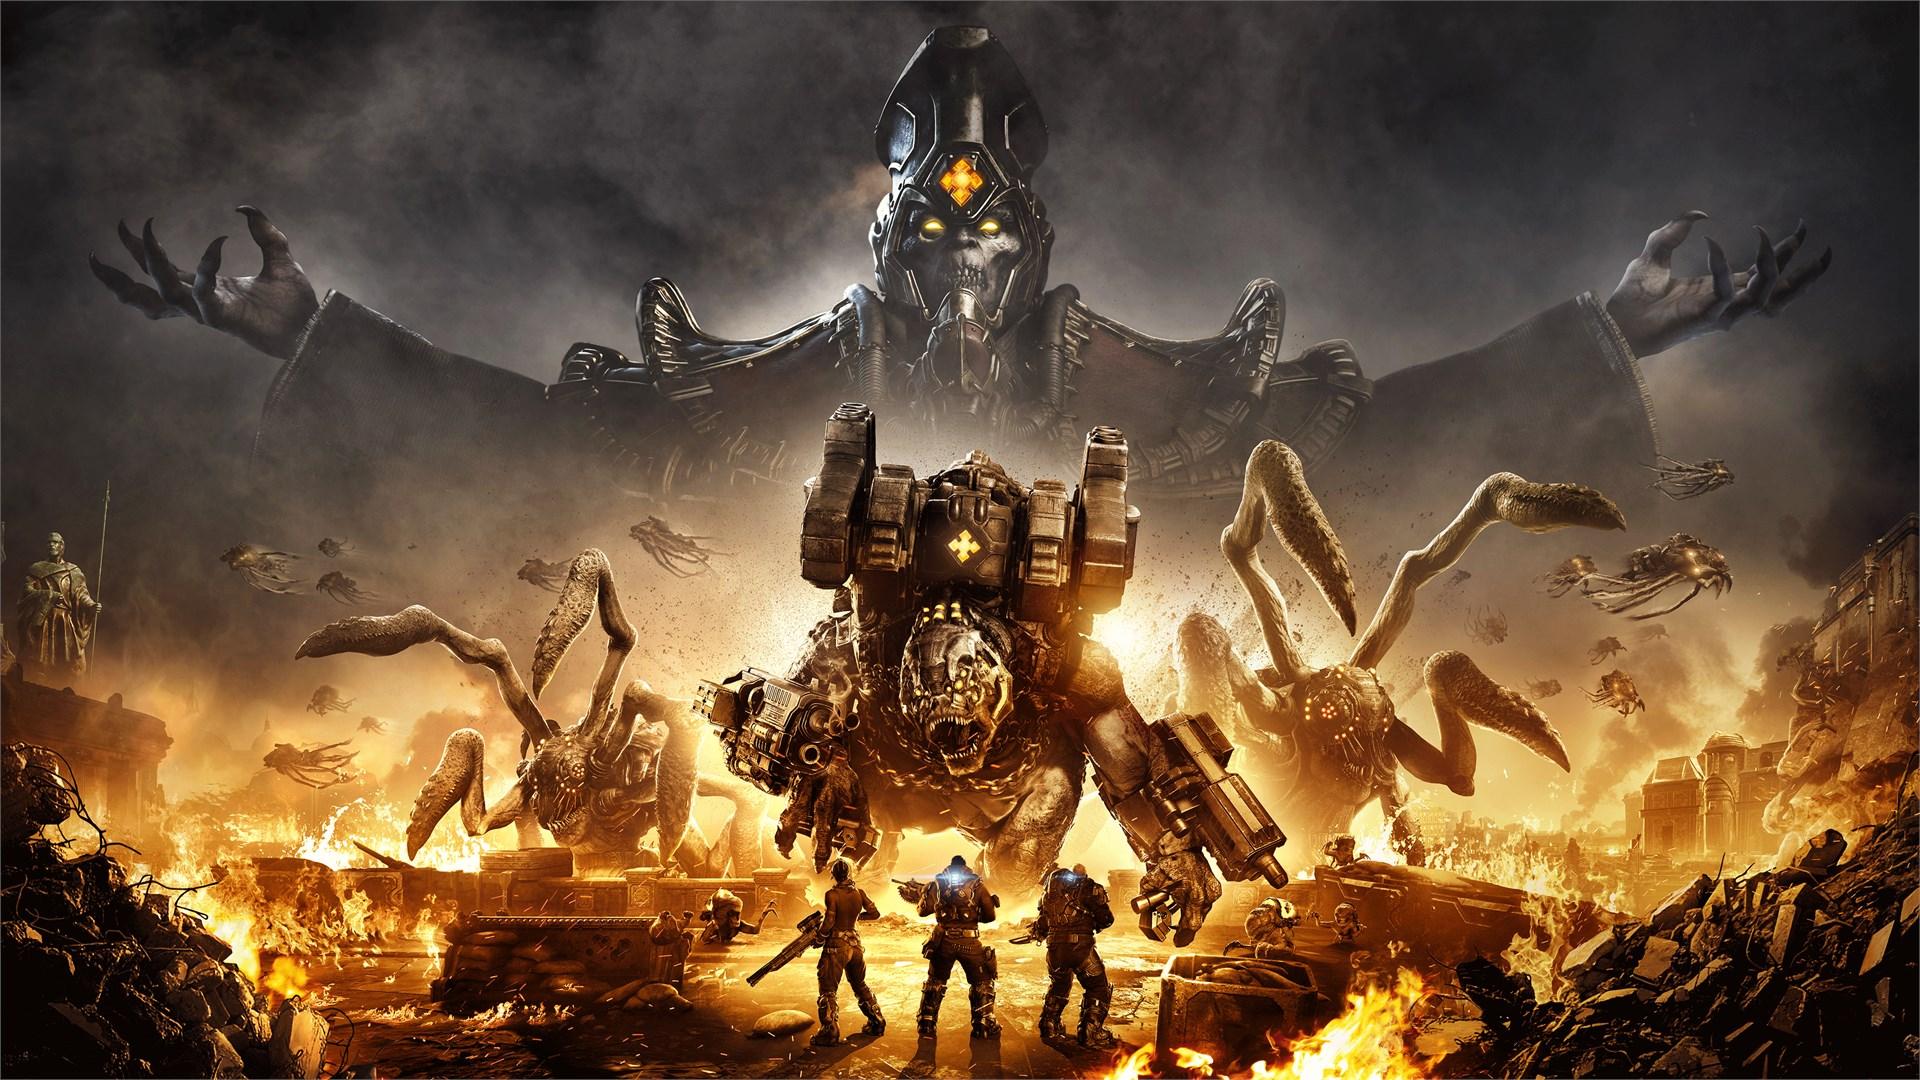 ¡Échale un ojo al tráiler de lanzamiento de Gears Tactics!